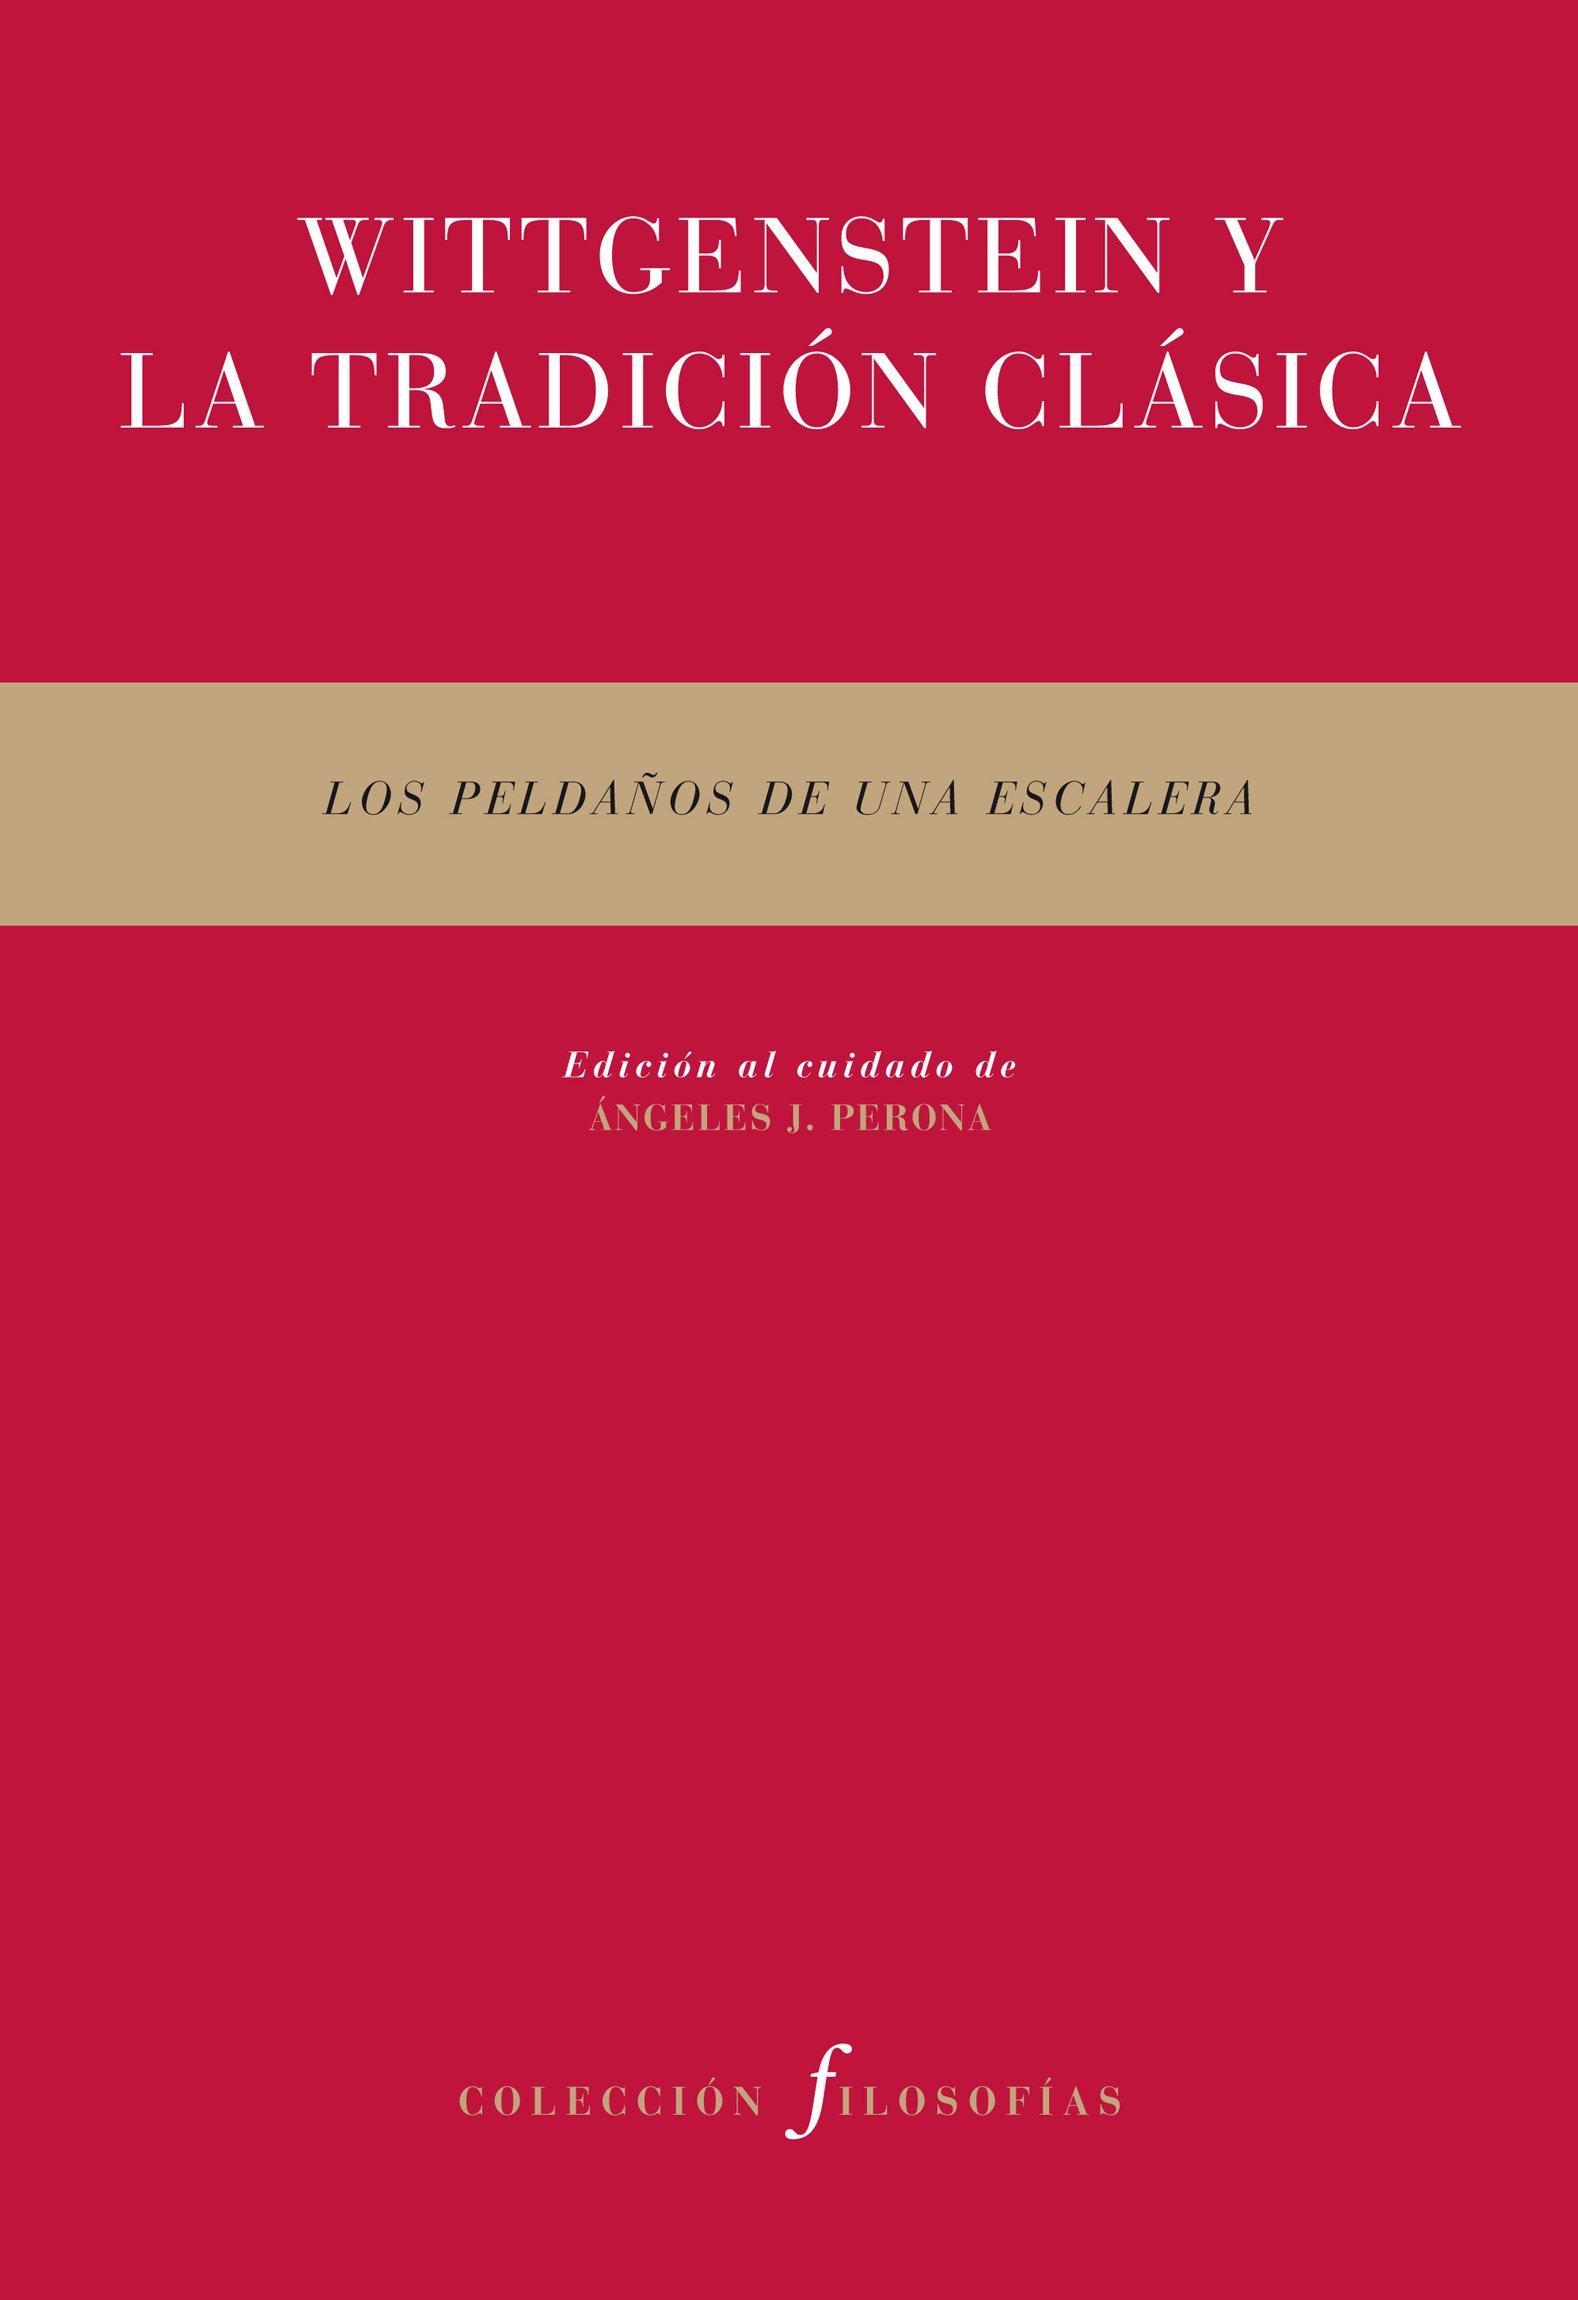 Wittgenstein y la tradición clásica: Los peldaños de una escalera Filosofías: Amazon.es: Perona, Ángeles J.: Libros